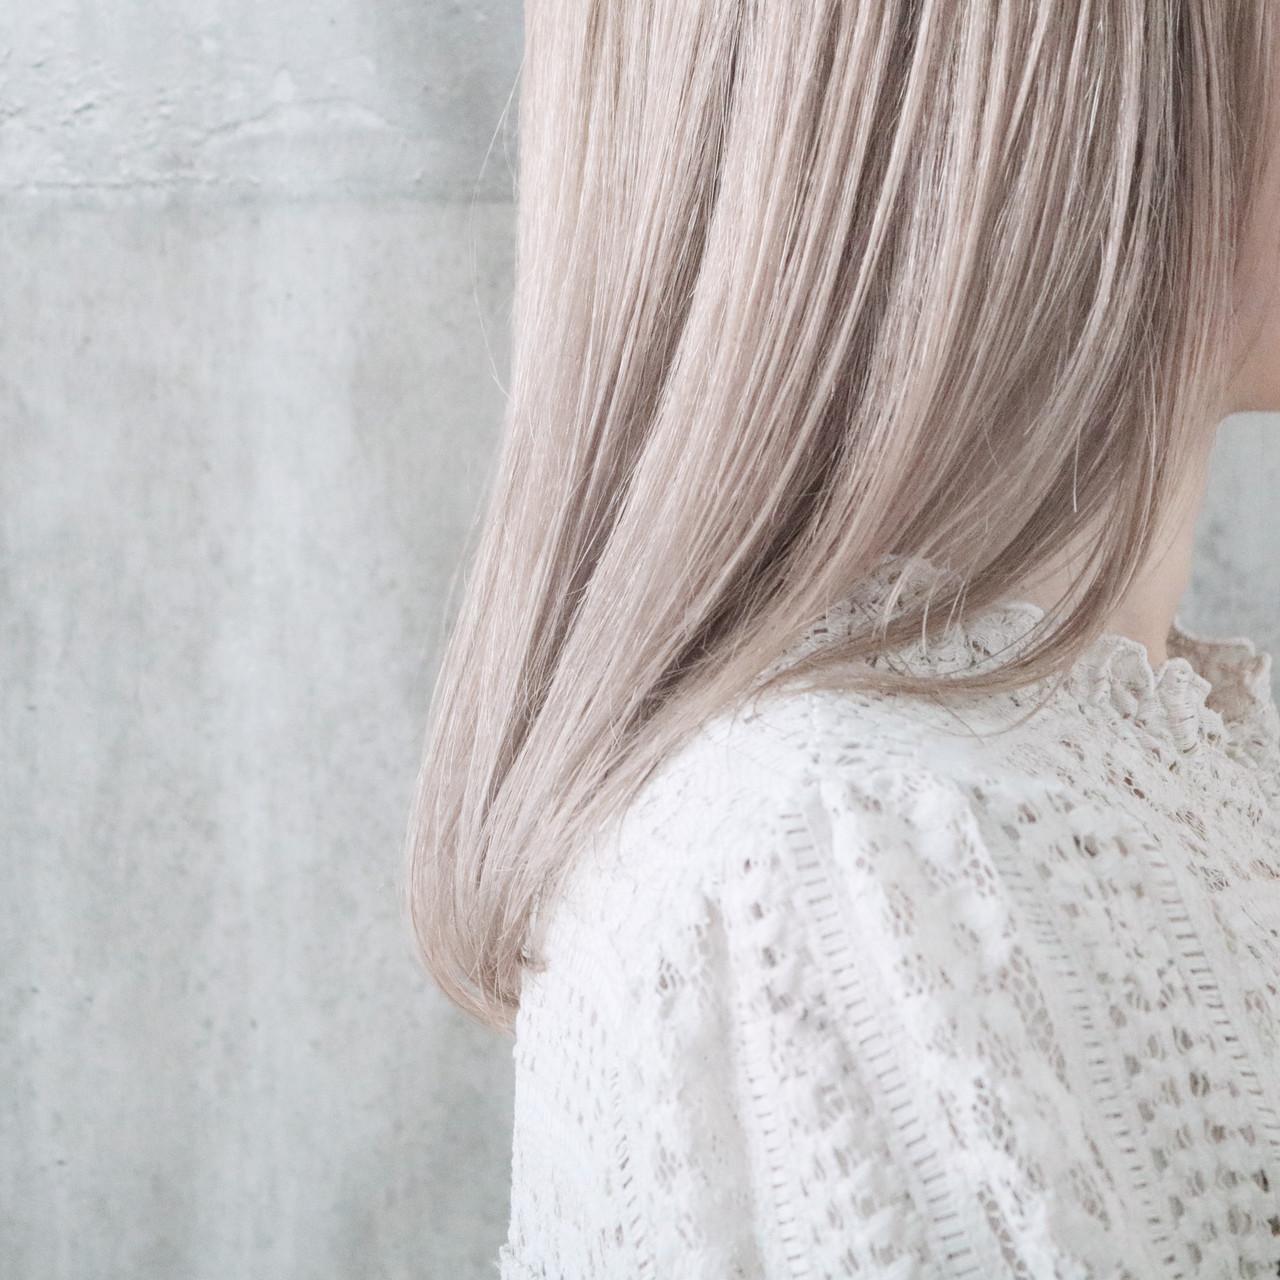 ミルクティーベージュ ホワイトカラー ミルクティーグレージュ ホワイトブリーチ ヘアスタイルや髪型の写真・画像